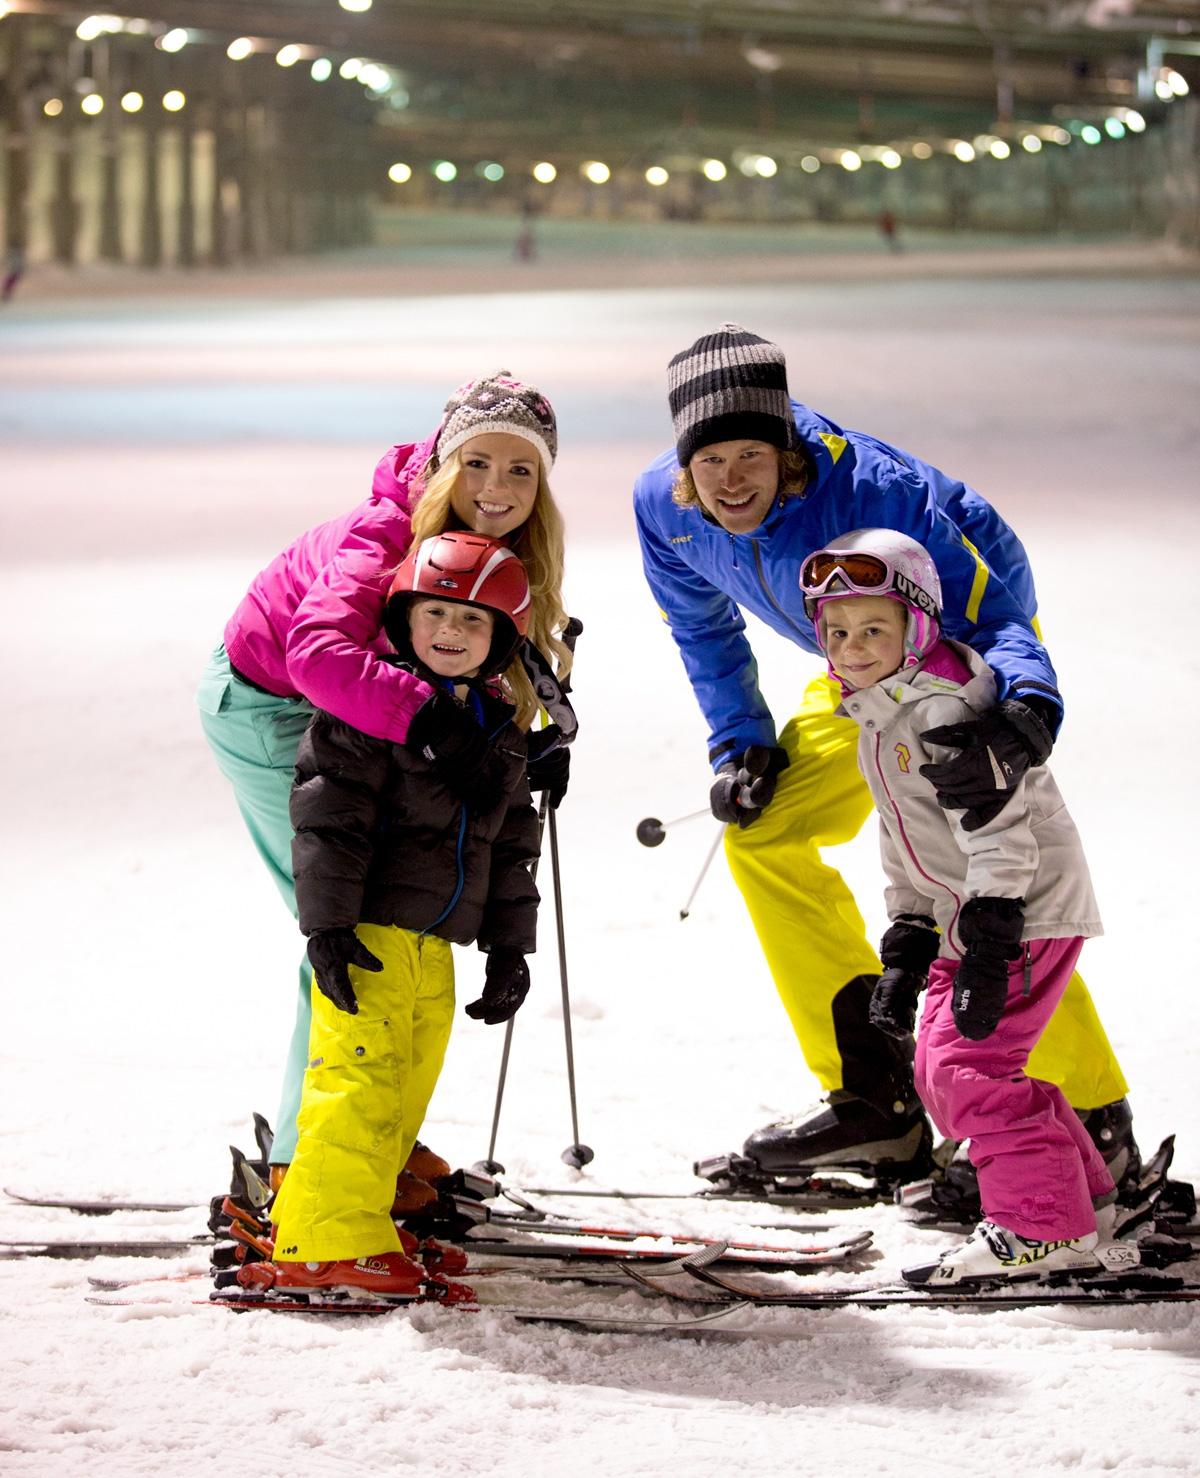 Win een ski-arrangement bij SnowWorld voor 4 personen (t.w.v. € 300)